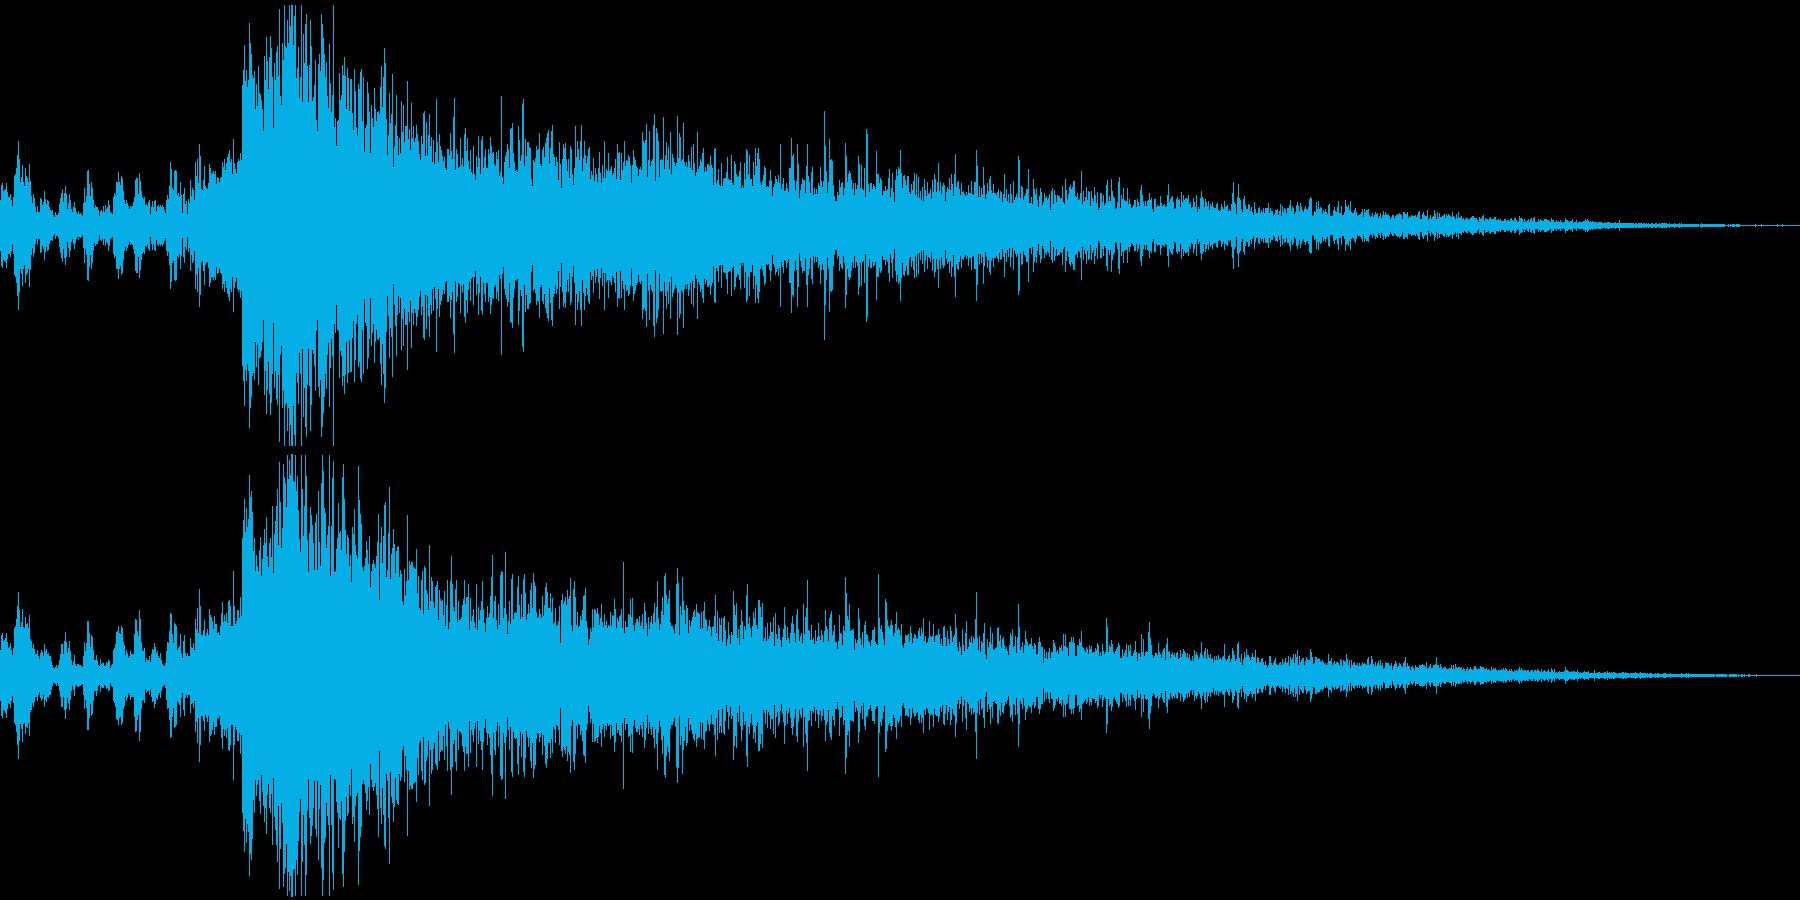 【ジングル】勝利!(イエーイ!ボイス付きの再生済みの波形